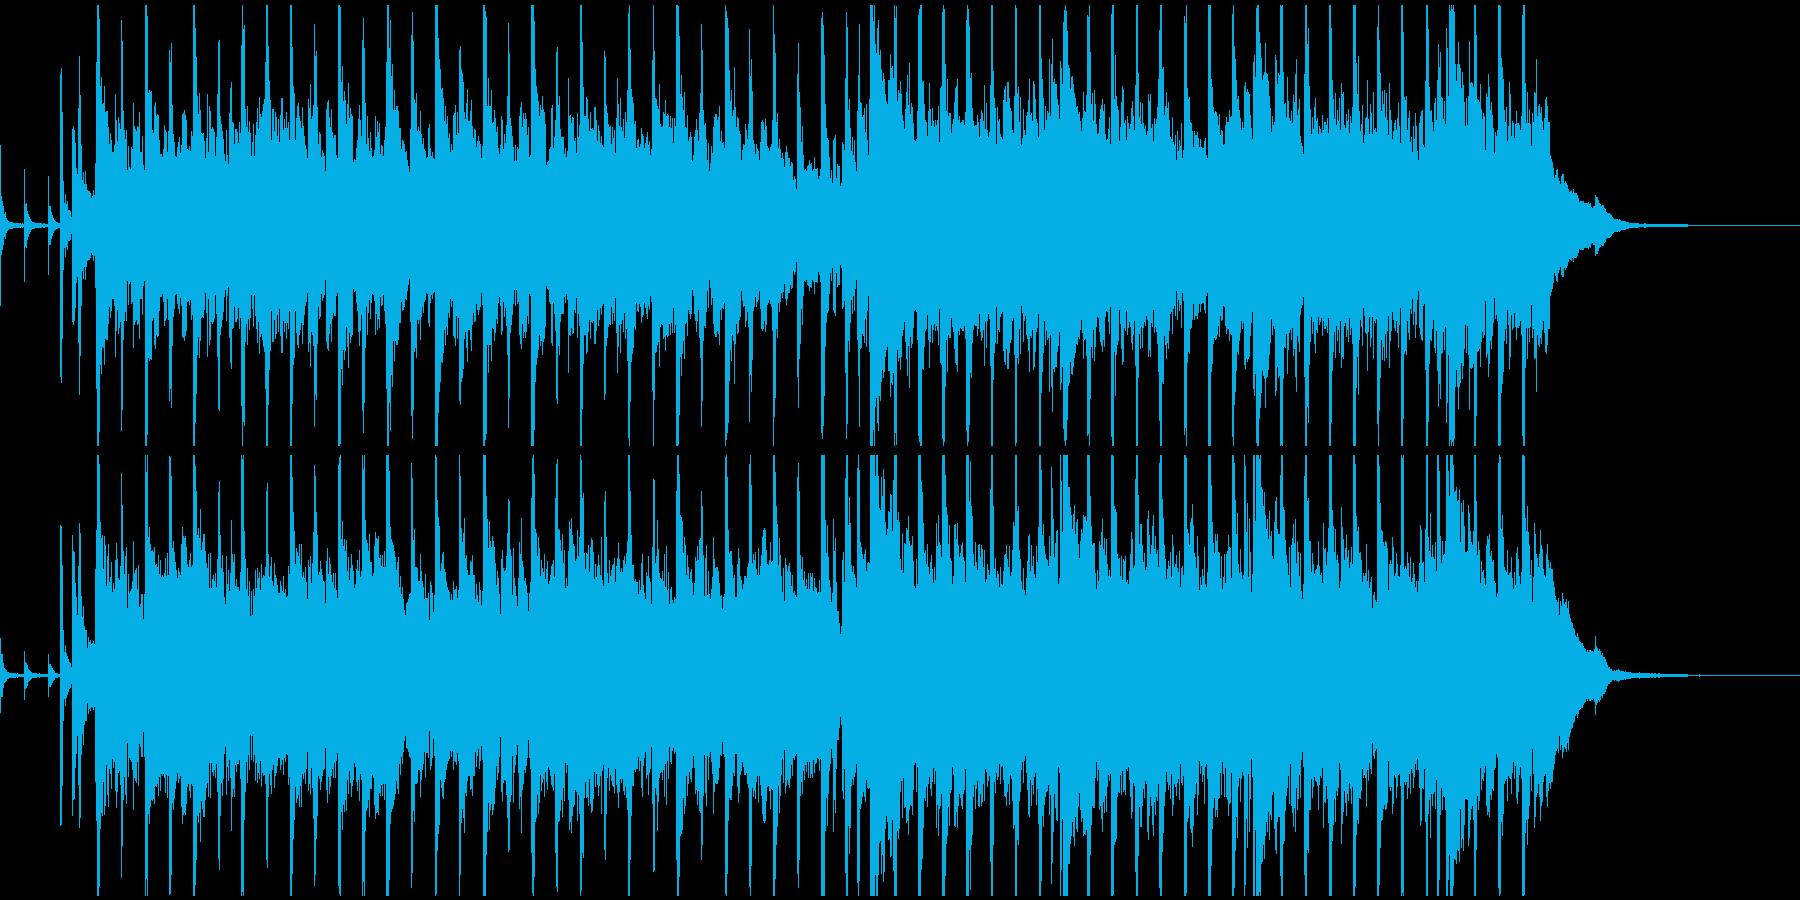 エンディングで流れそうなテーマの再生済みの波形